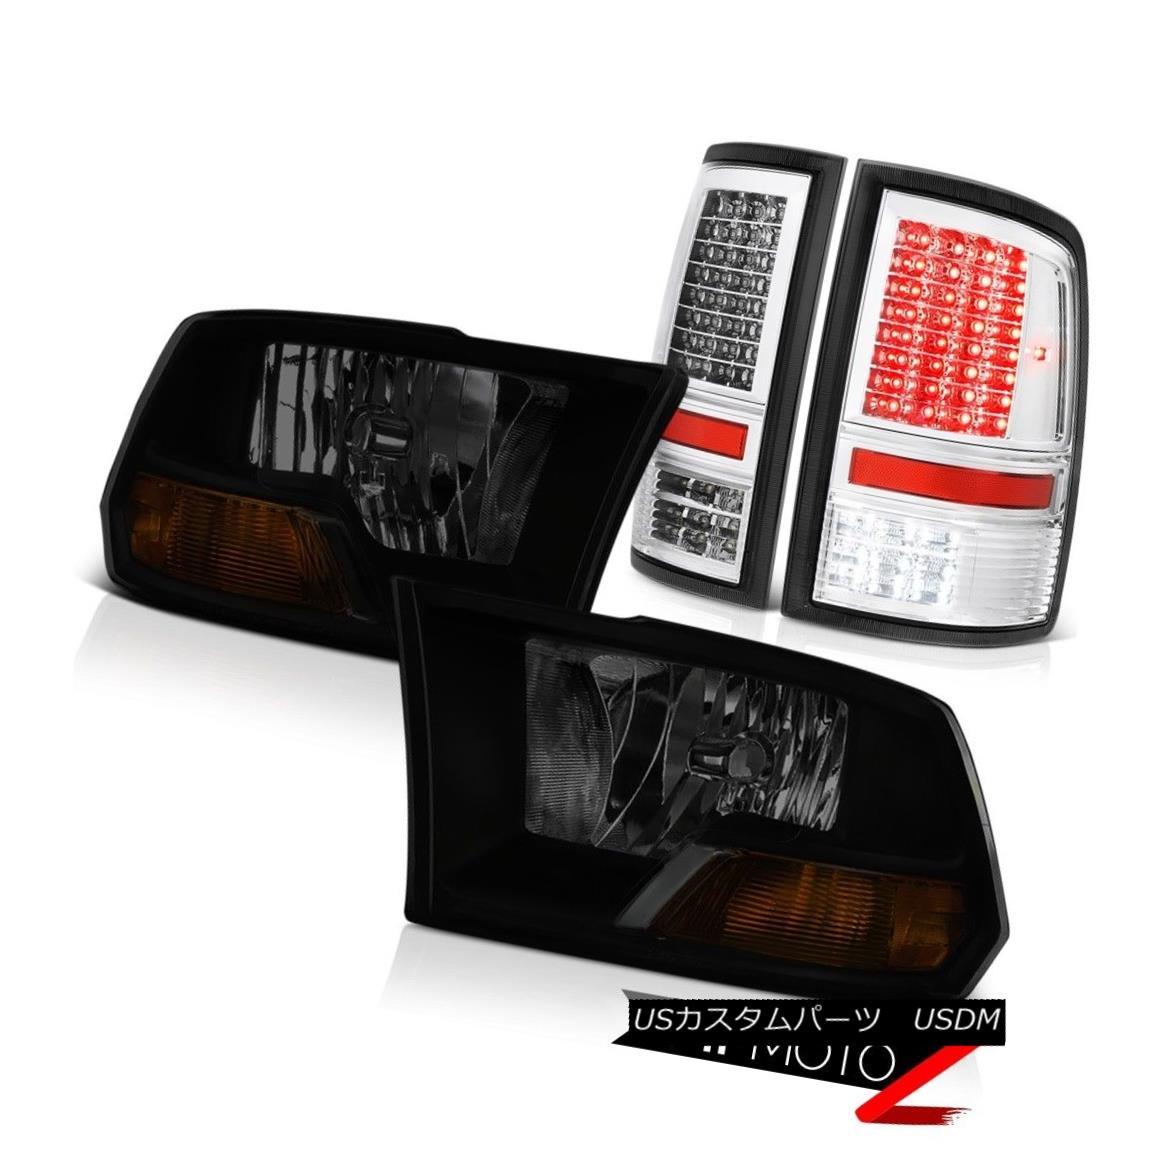 ヘッドライト 2010-2018 Ram 3500 6.4L Euro Chrome Tail Lights Dark Tinted Headlights LED SMD 2010-2018 Ram 3500 6.4LユーロクロームテールライトダークティンテッドヘッドライトLED SMD